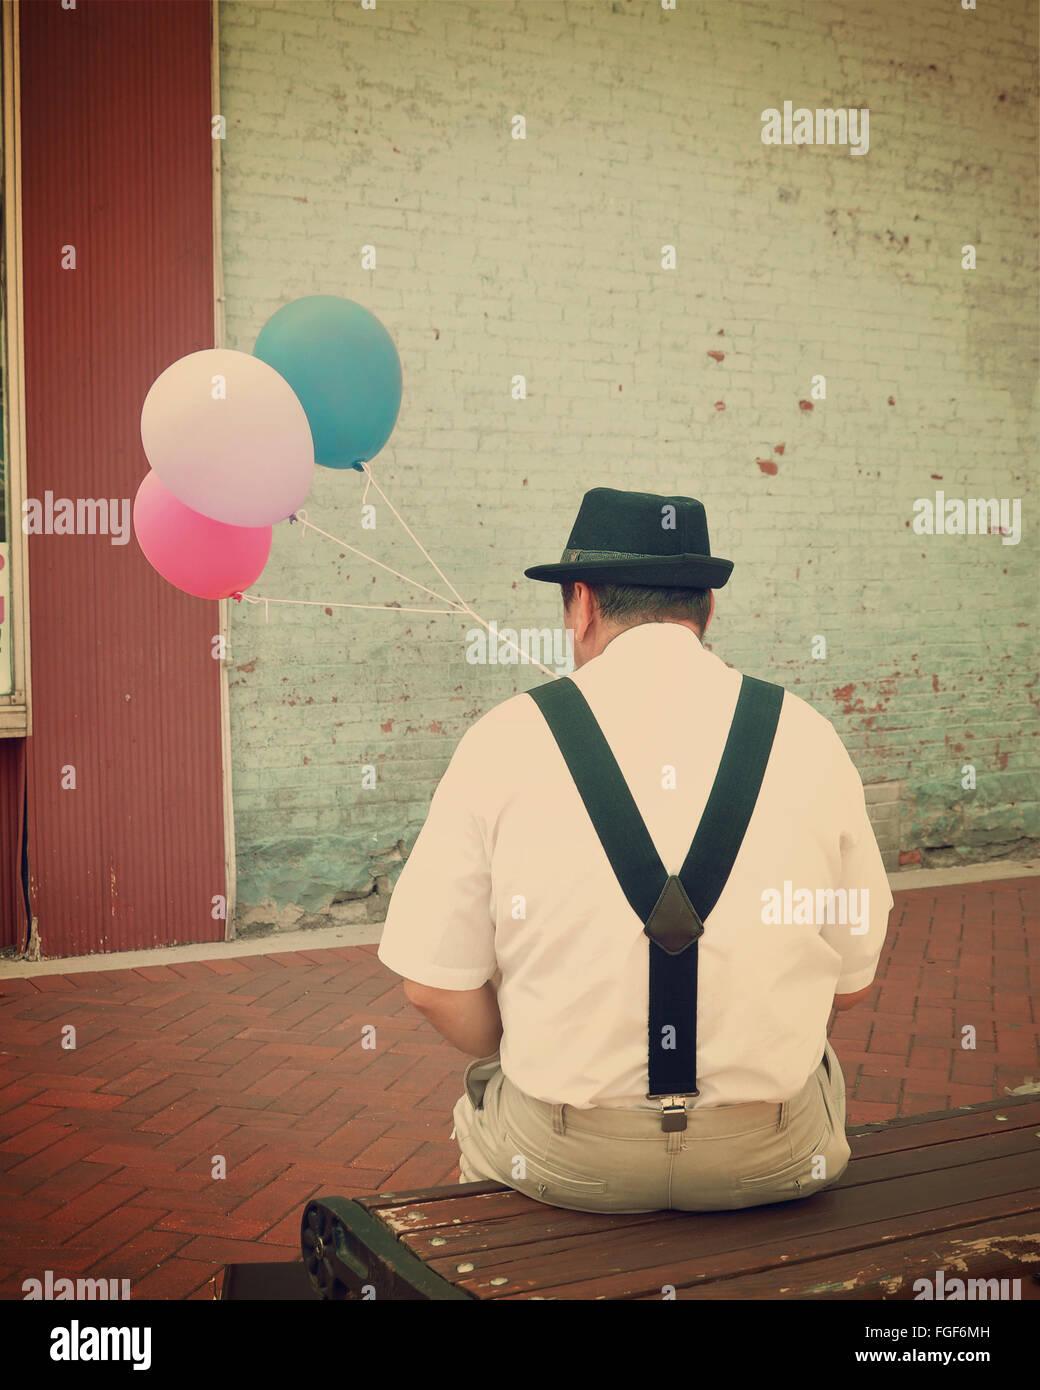 Un Vintage Retro hombre de negocios está sentado en un banco en el centro de la ciudad, con globos de colores Imagen De Stock